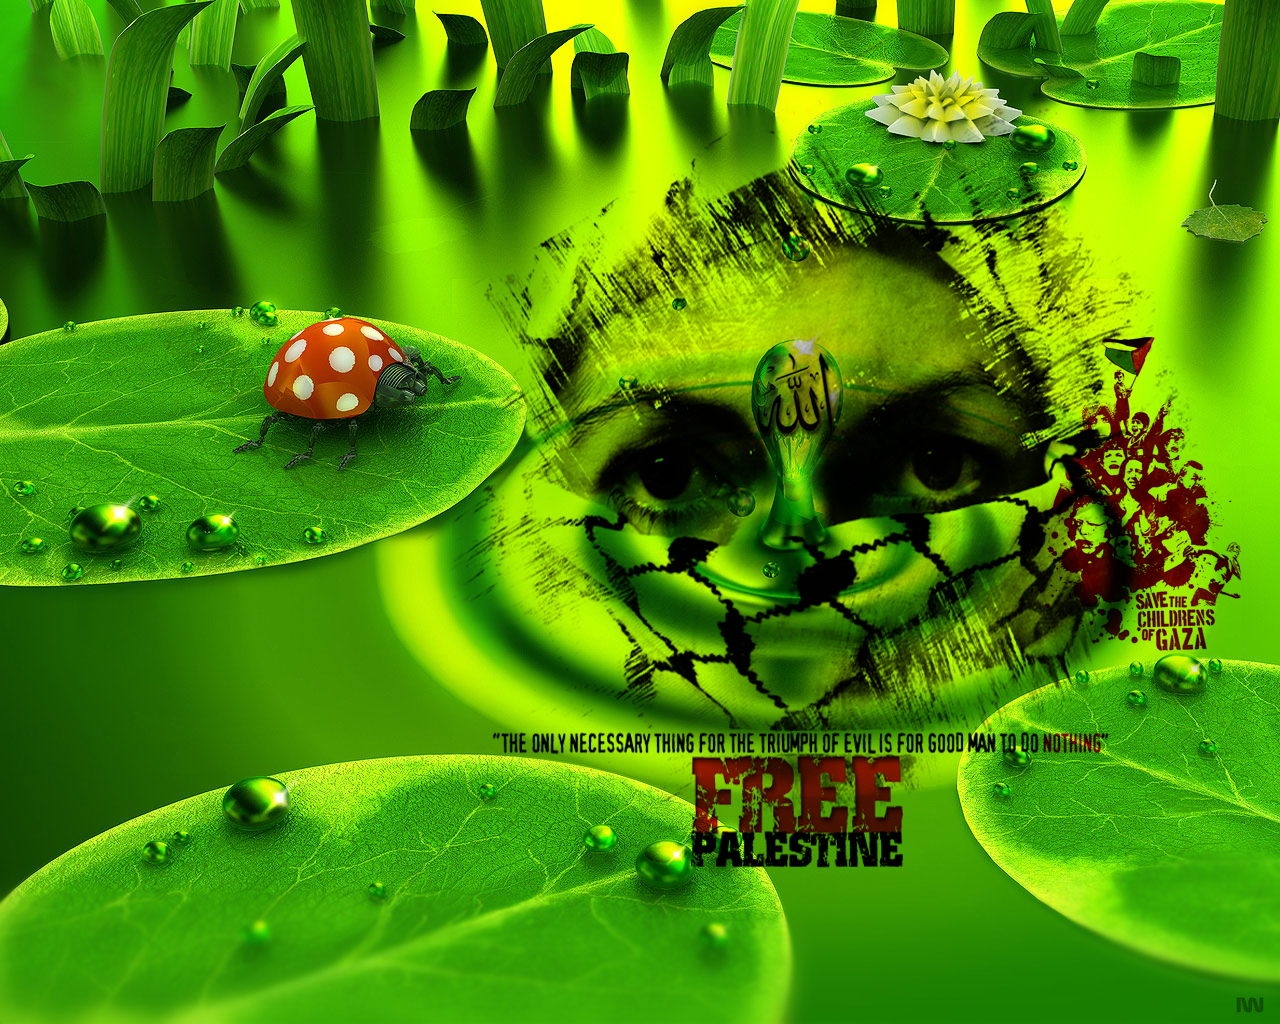 http://1.bp.blogspot.com/-6nvZkuf0HwA/T3Op6o0JAzI/AAAAAAAAAGc/bIuA6aqbAWw/s1600/save+gaza+wallpaper.jpg